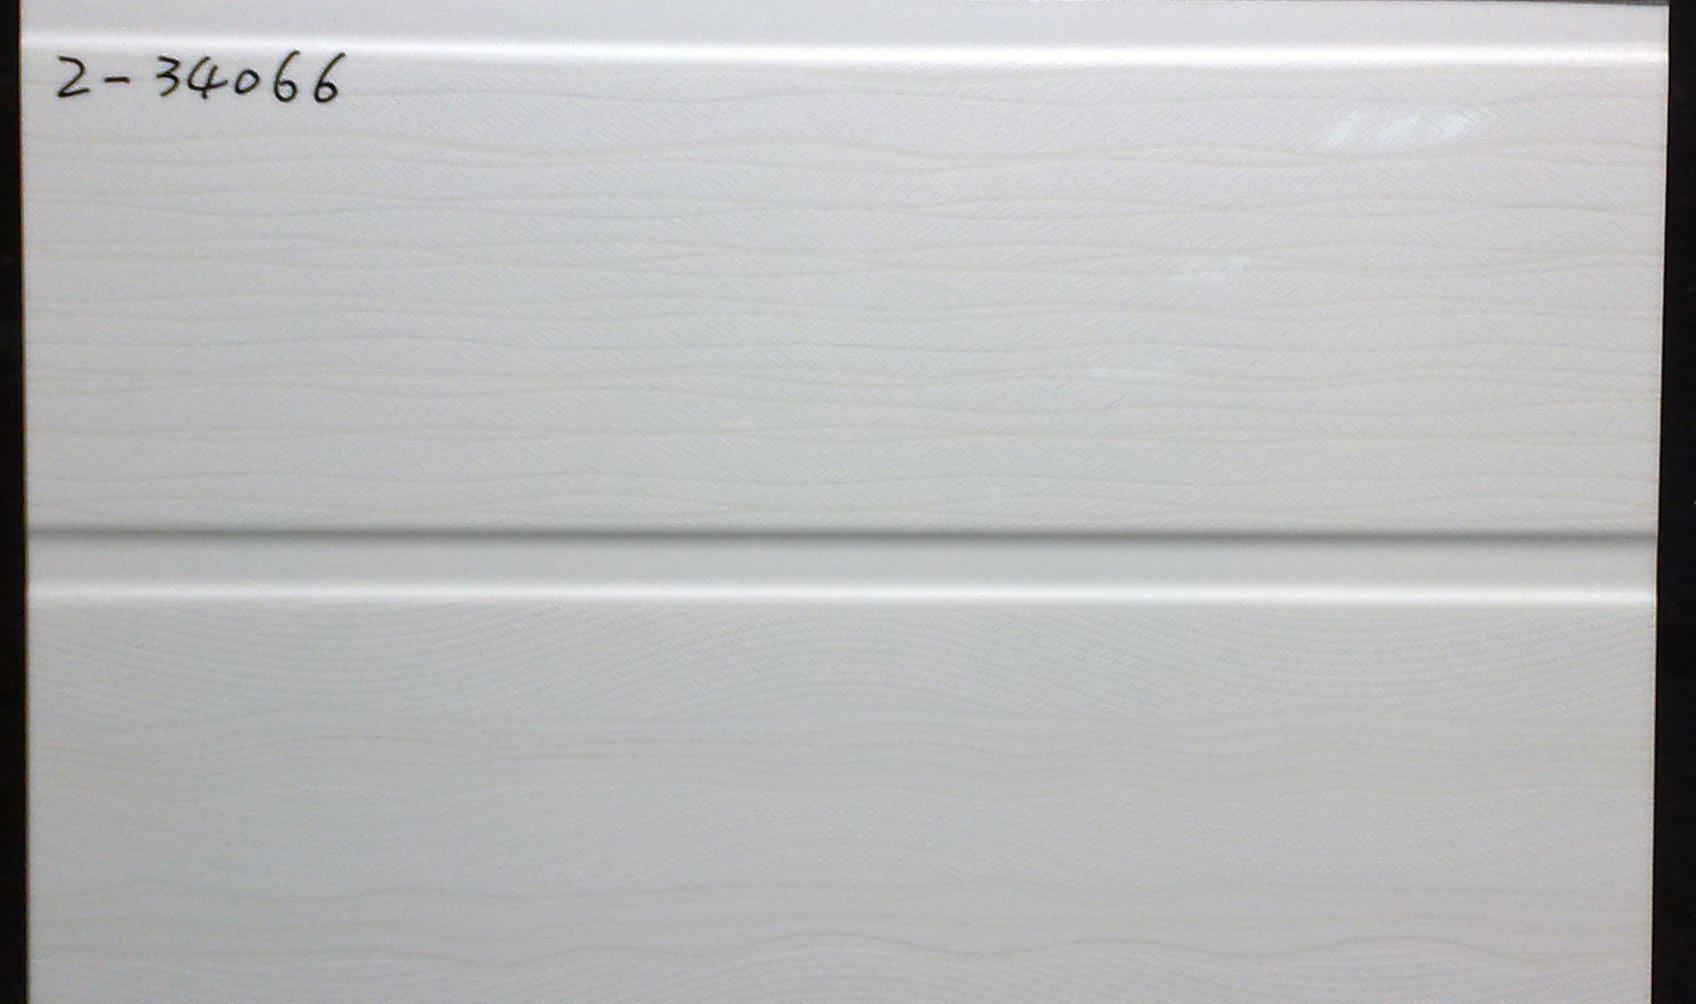 大将军2-34066内墙釉面砖2-34066